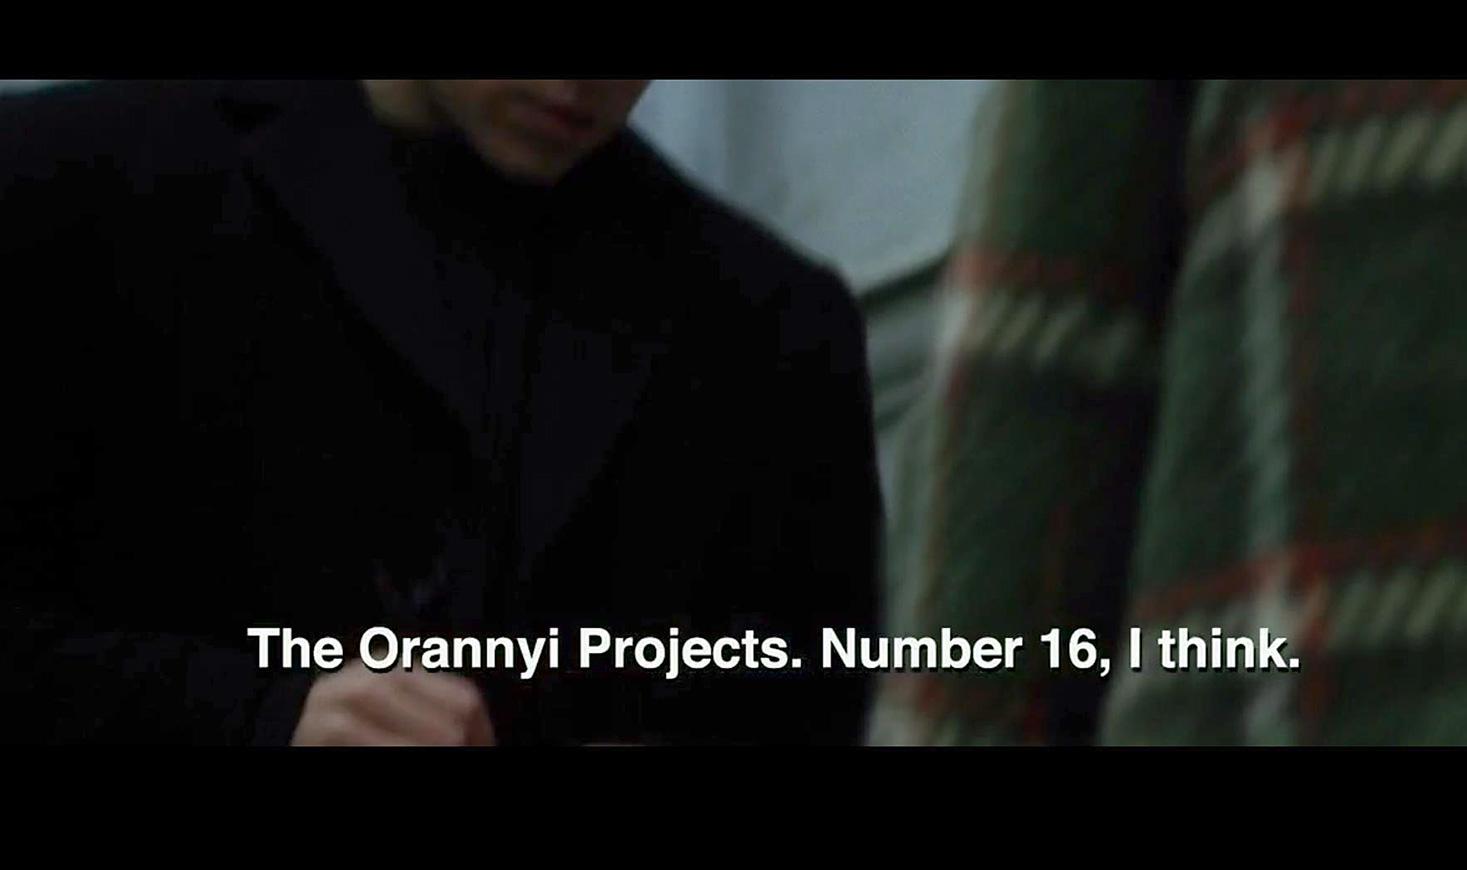 The Bourne Supremacy. Sumber: Cuplikan layar dari film